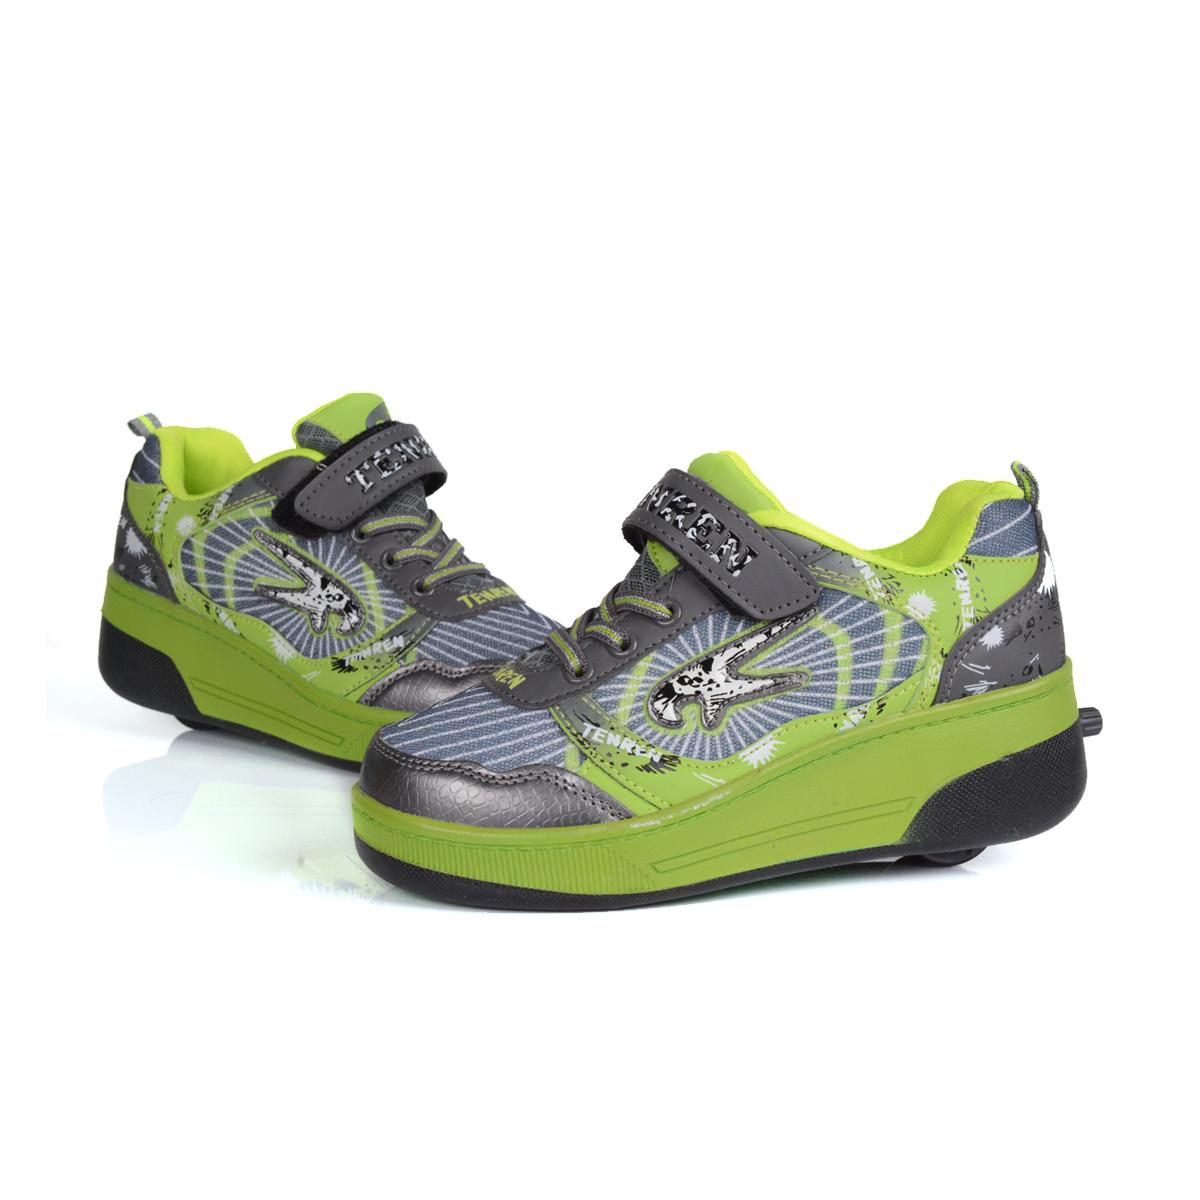 Buy roller shoes online australia - New Unisex Children Wheel Roller Shoes Cute Skate